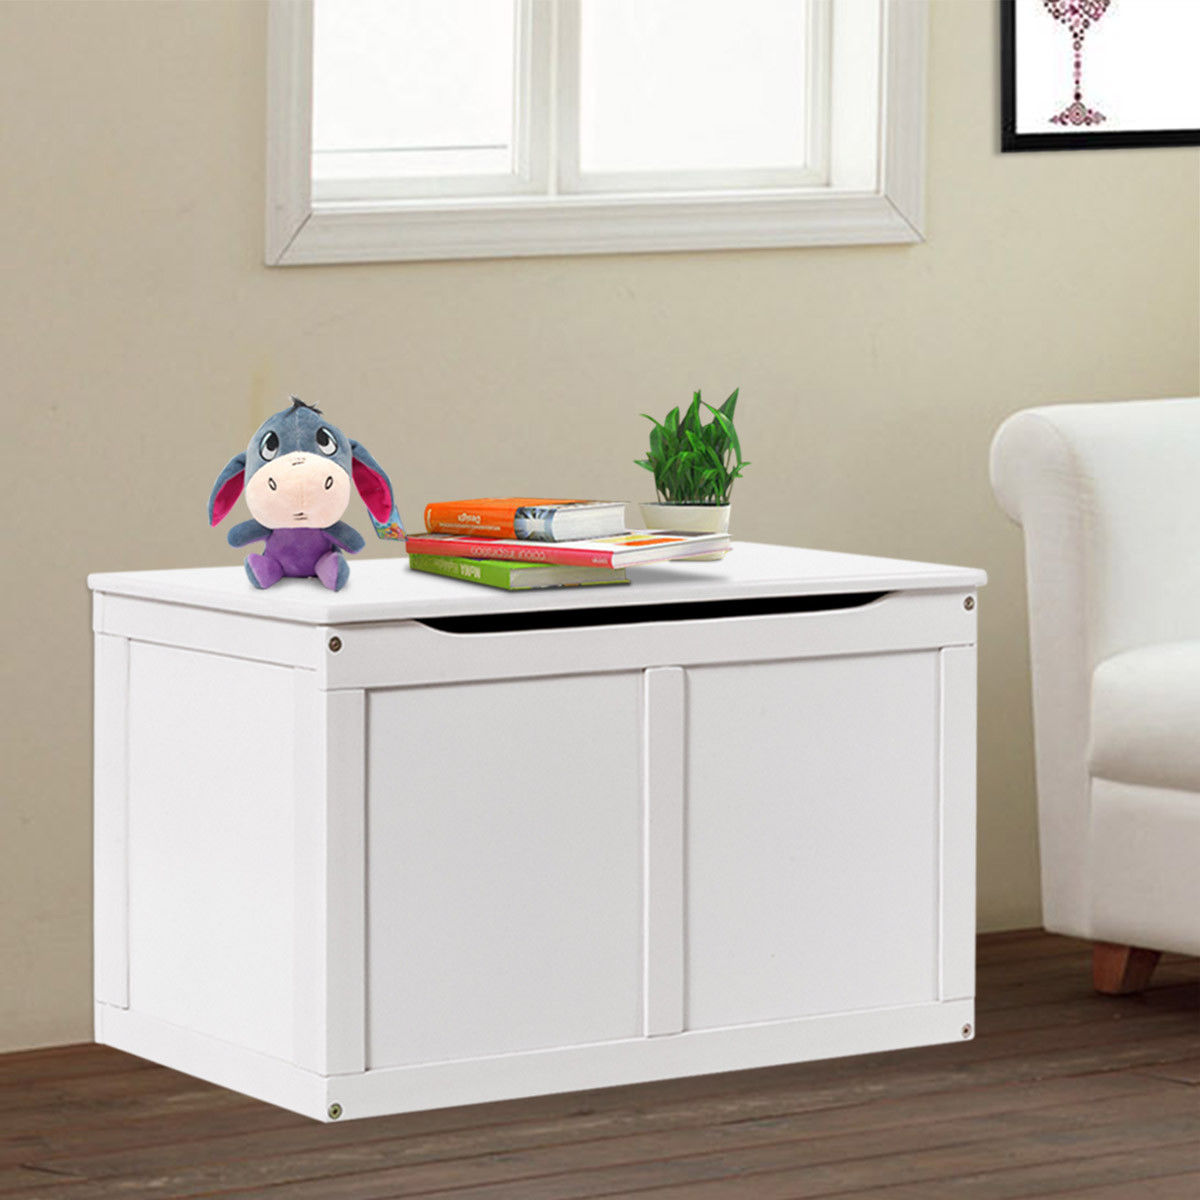 costway white wooden kids toy storage box chest organizer large bin boys &  girls